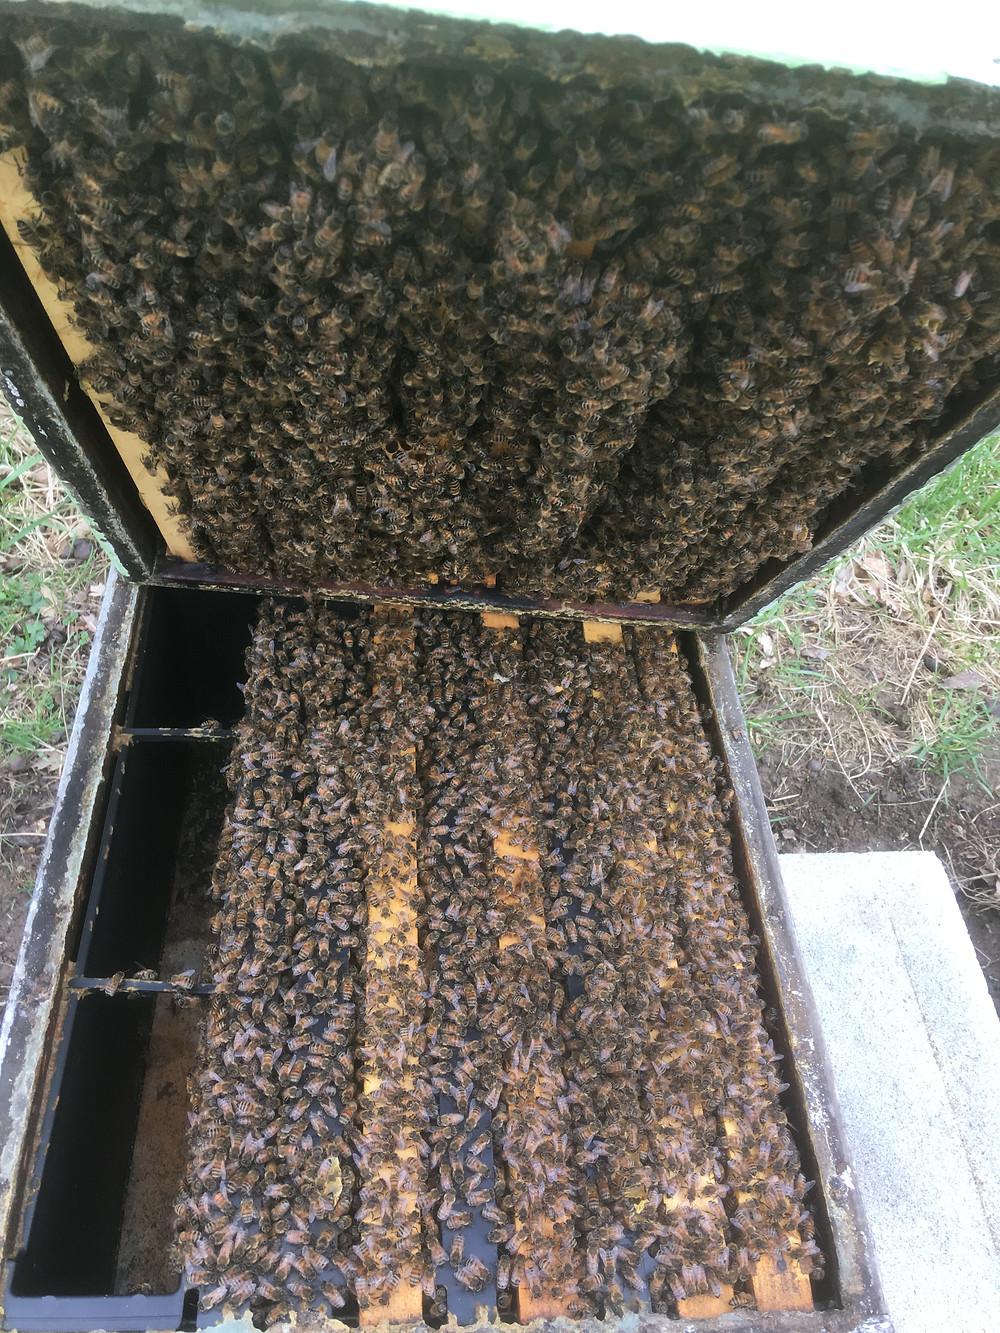 Overwintered Ohio honey bee colony. Dunham Bees.